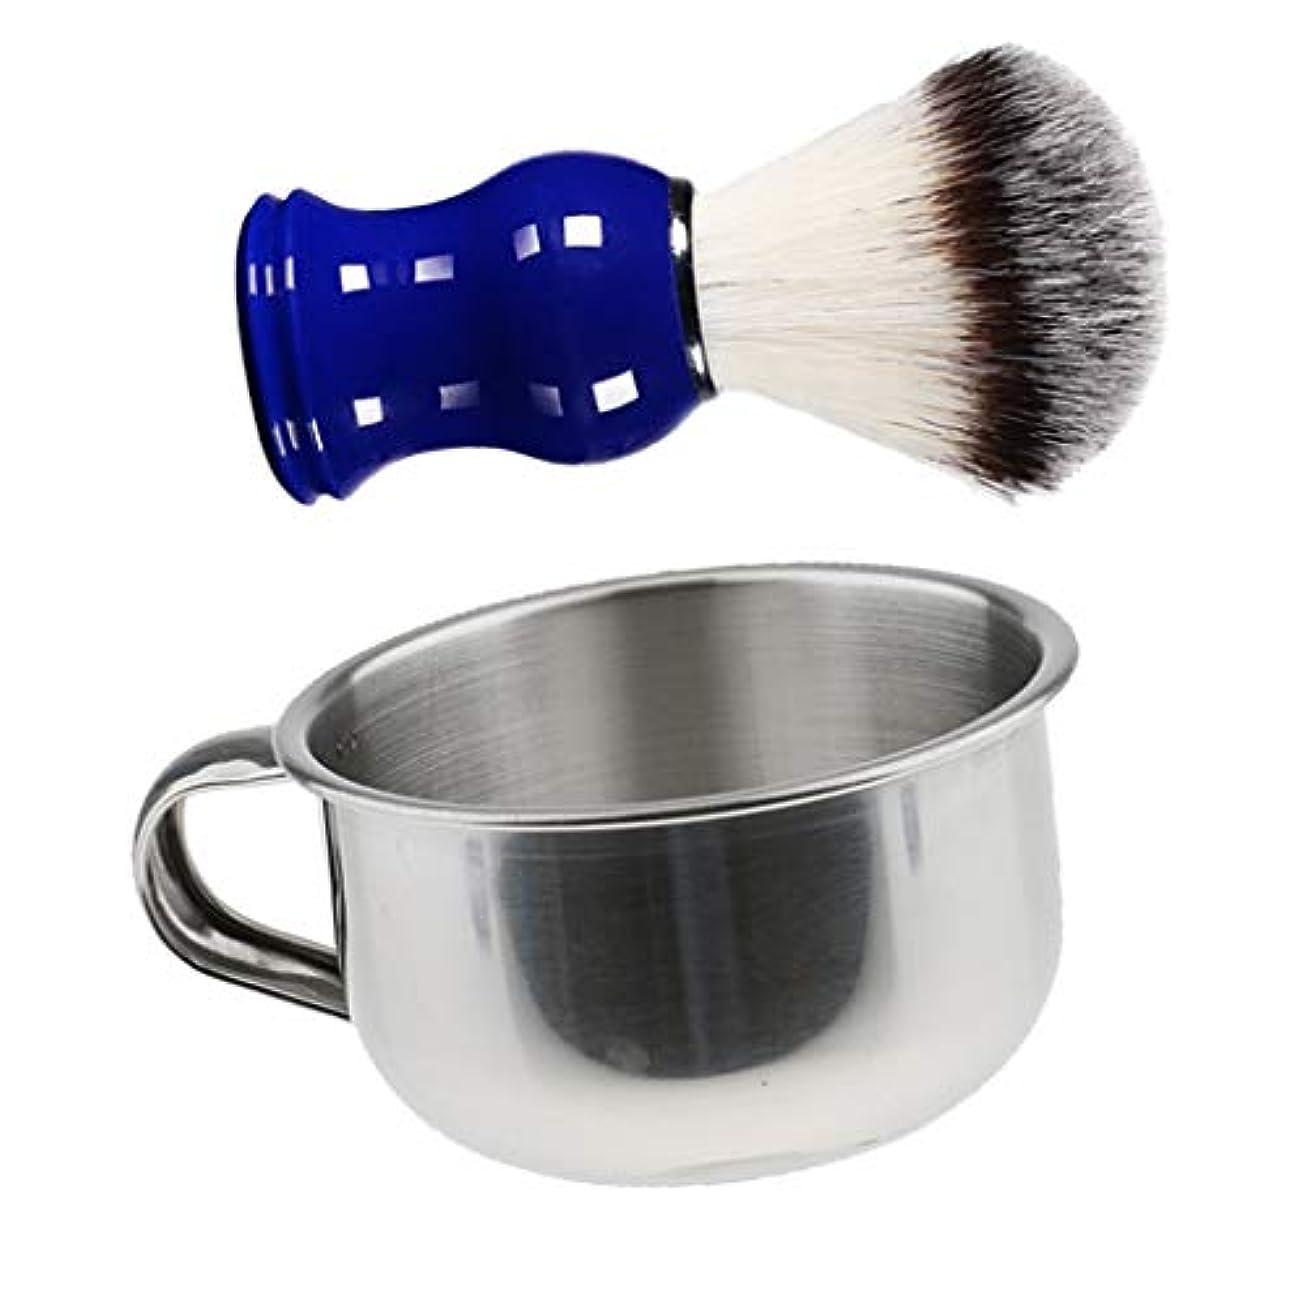 アイロニーうま同盟メンズ シェービング マグ ボウル カップ ステンレス製 シェービング用ブラシ 理容 洗顔 髭剃り